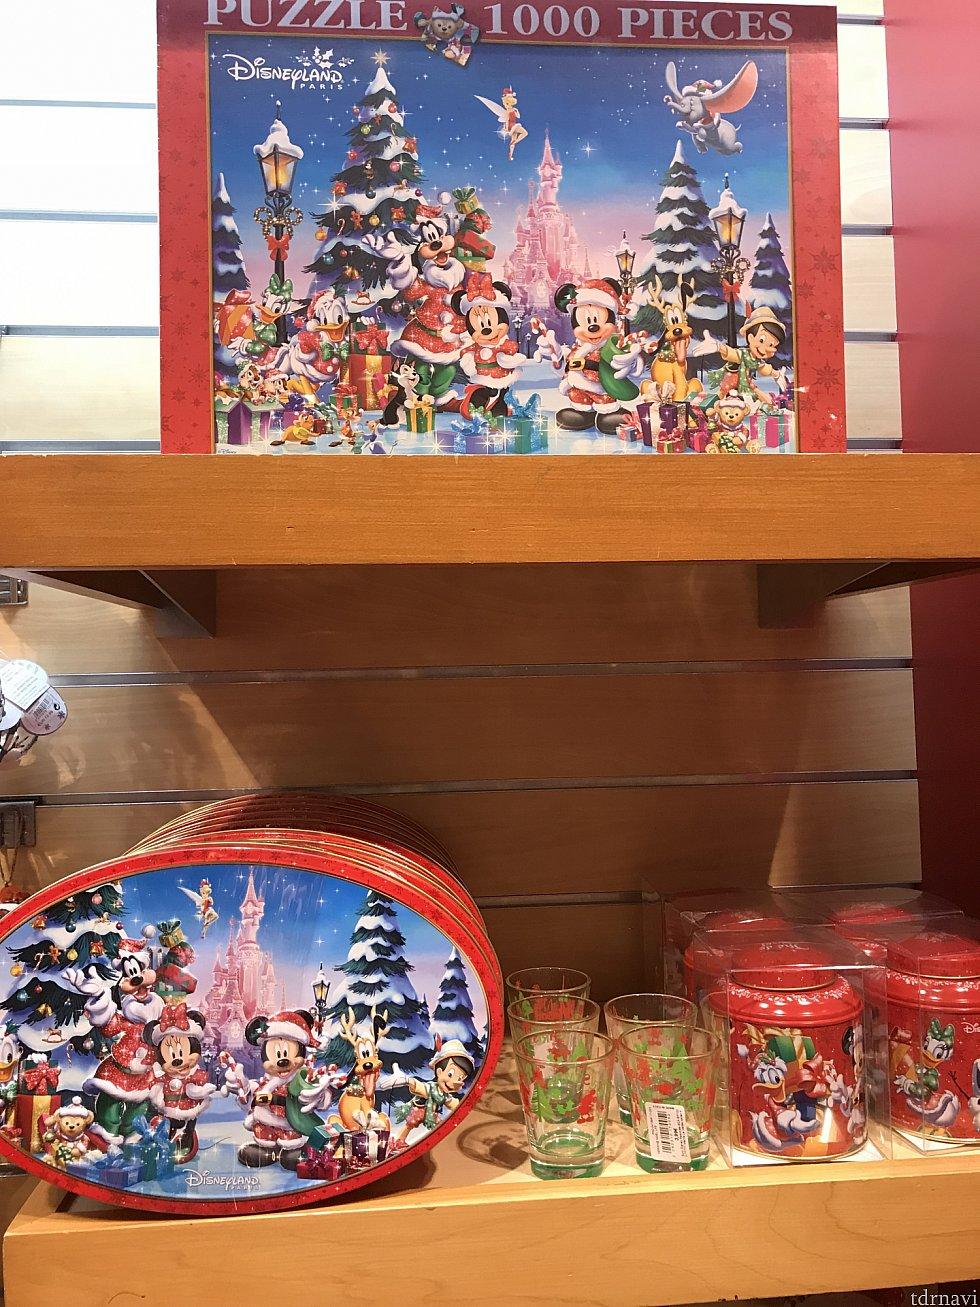 パズルとチョコレートです。 チョコレートは18ユーロくらい。 このチョコレート、本場フランスということもあり、他のパークと比較出来ないくらい美味しいチョコでした! 見つけたら是非自分用に買っていきましょう笑 お土産としても喜ばれると思いますよ!